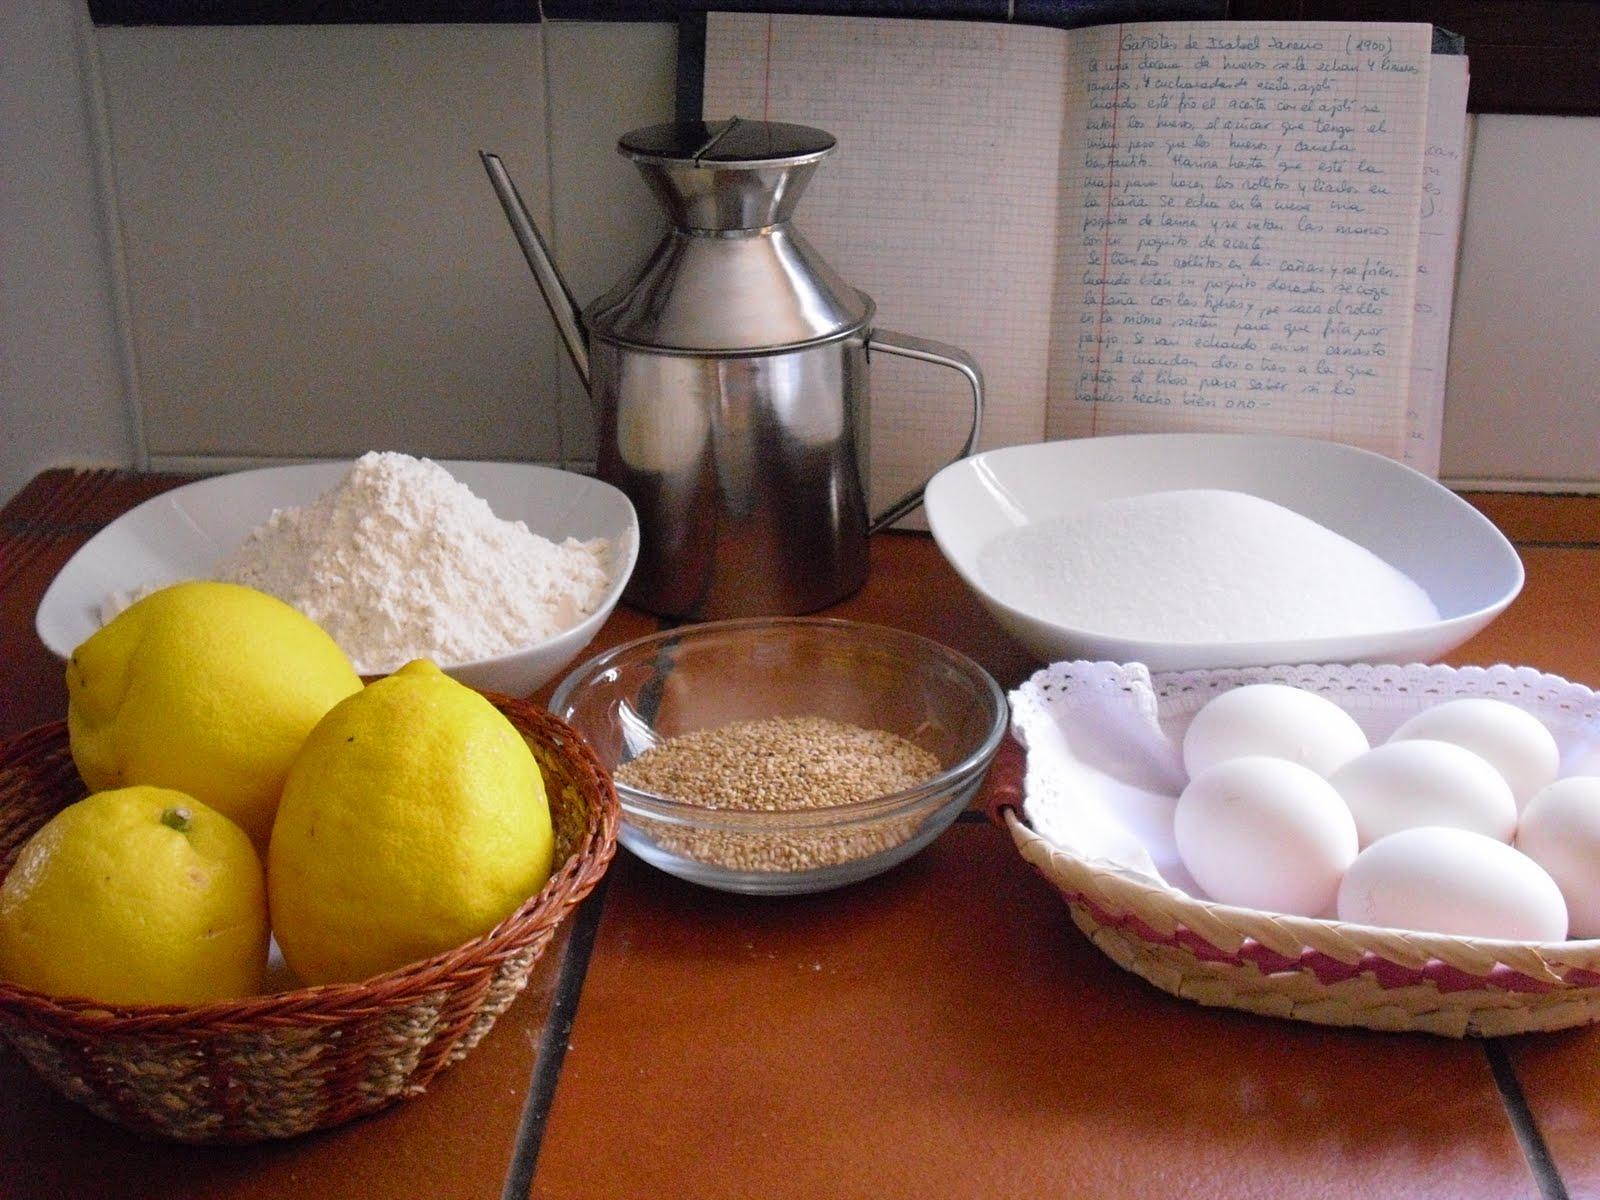 La receta de los gañotes de Ubrique